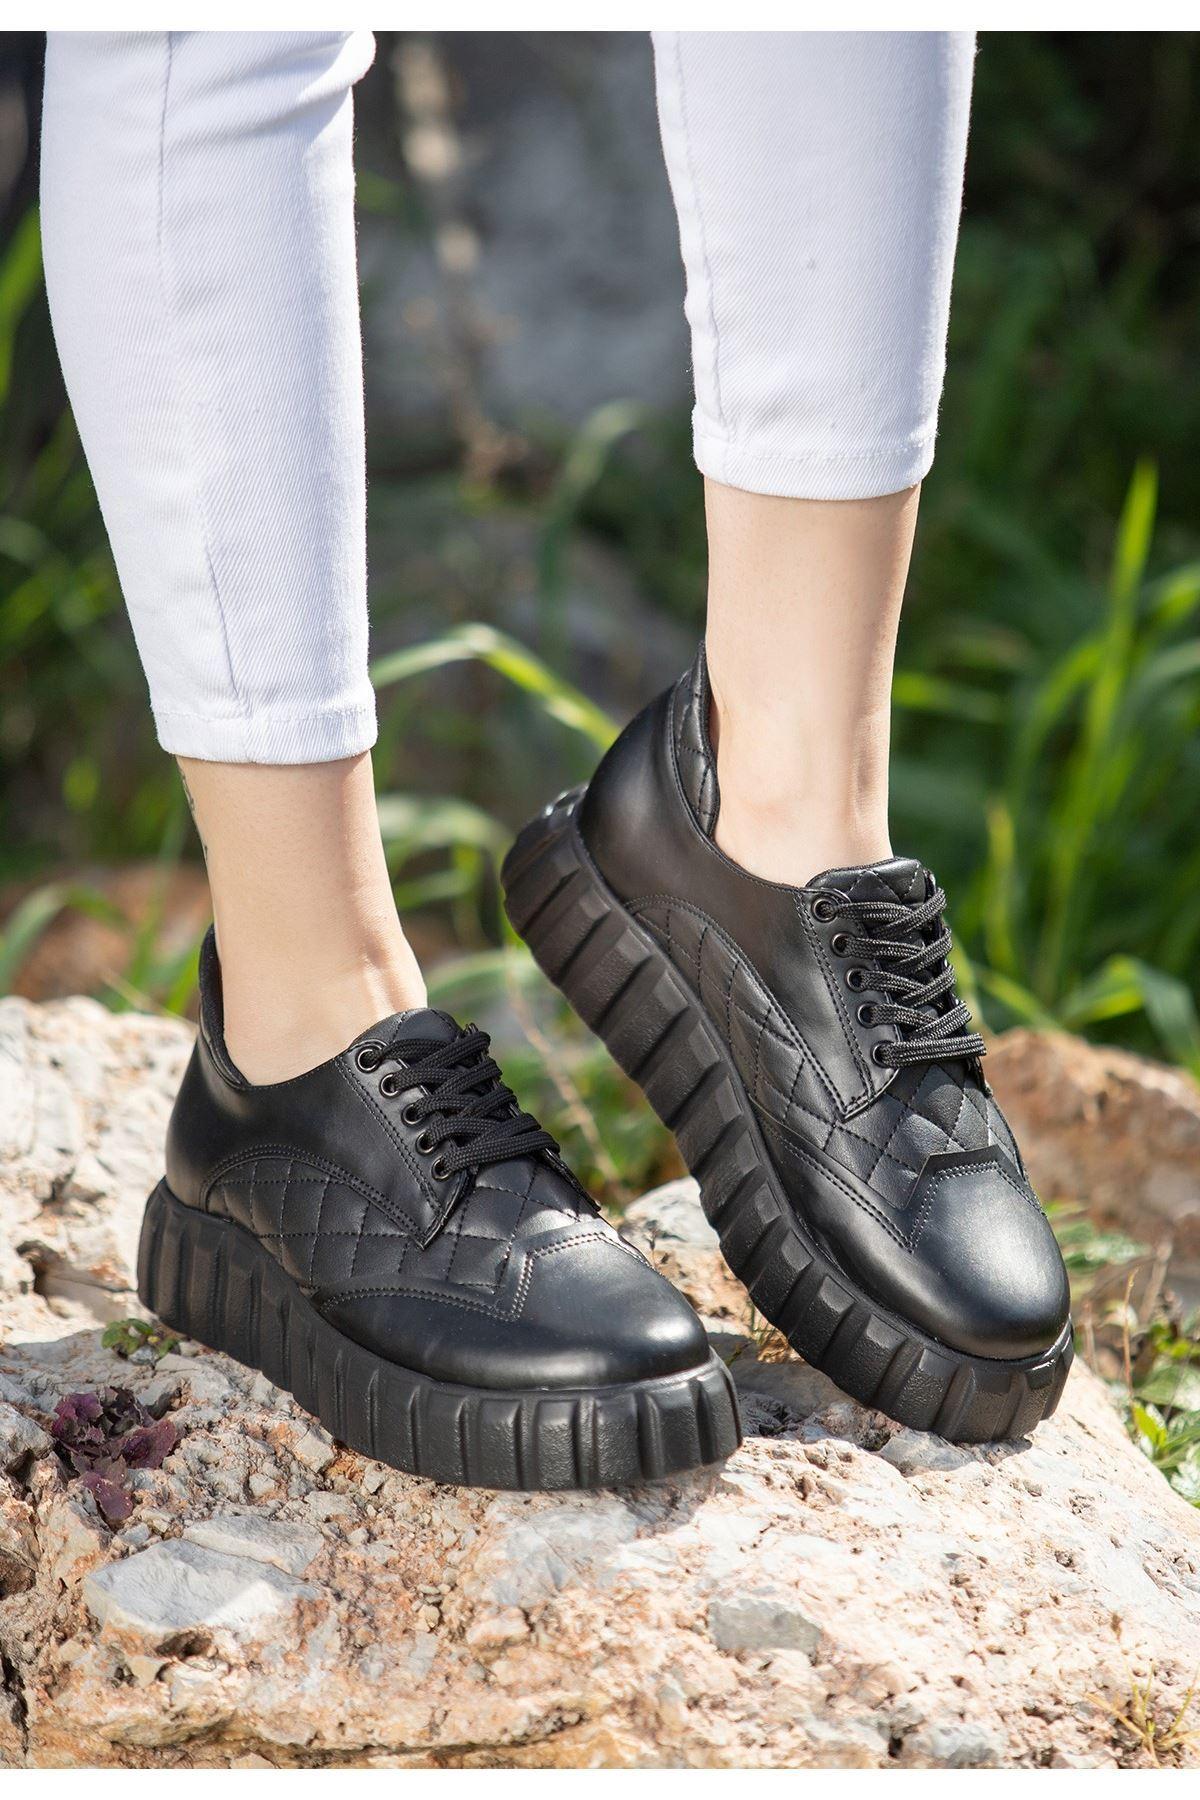 Ola Siyah Cilt Bağcıklı Spor Ayakkabı